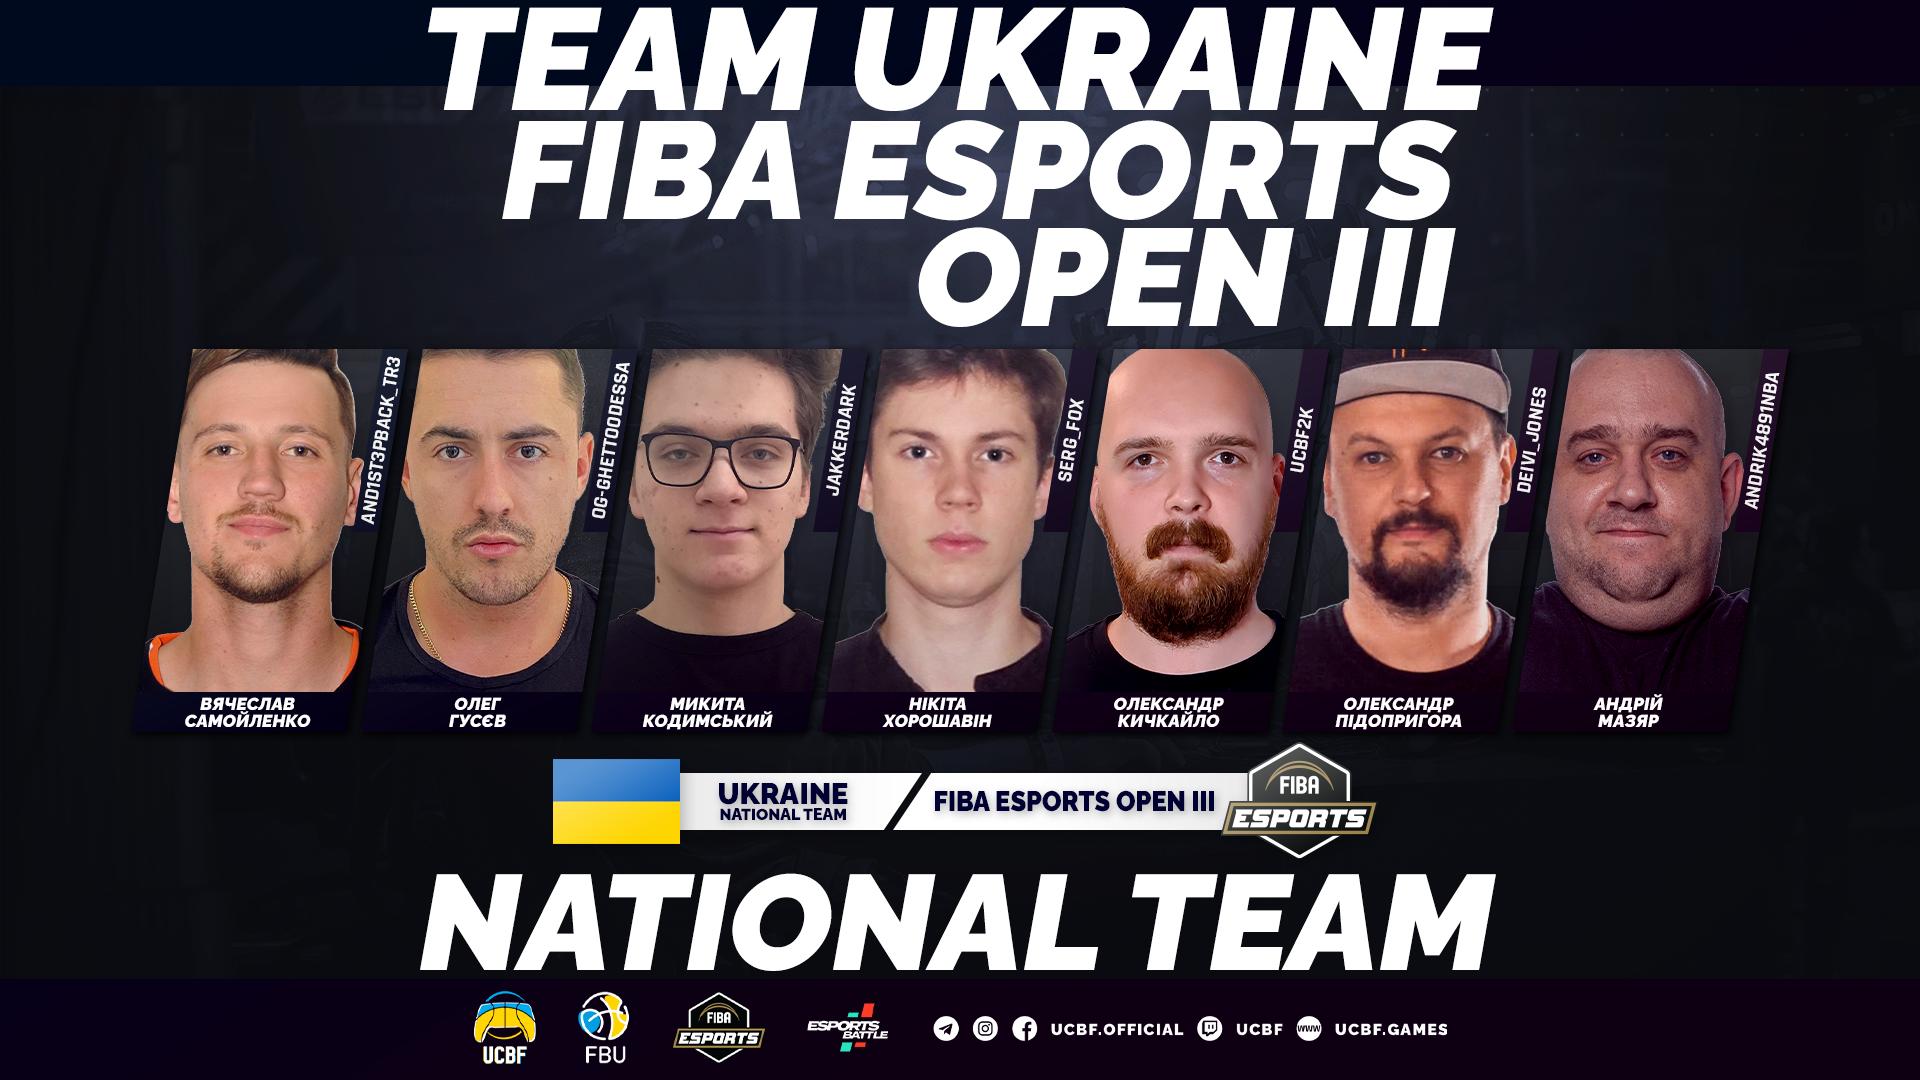 Збірна України завершила виступи на FIBA Esports Open III